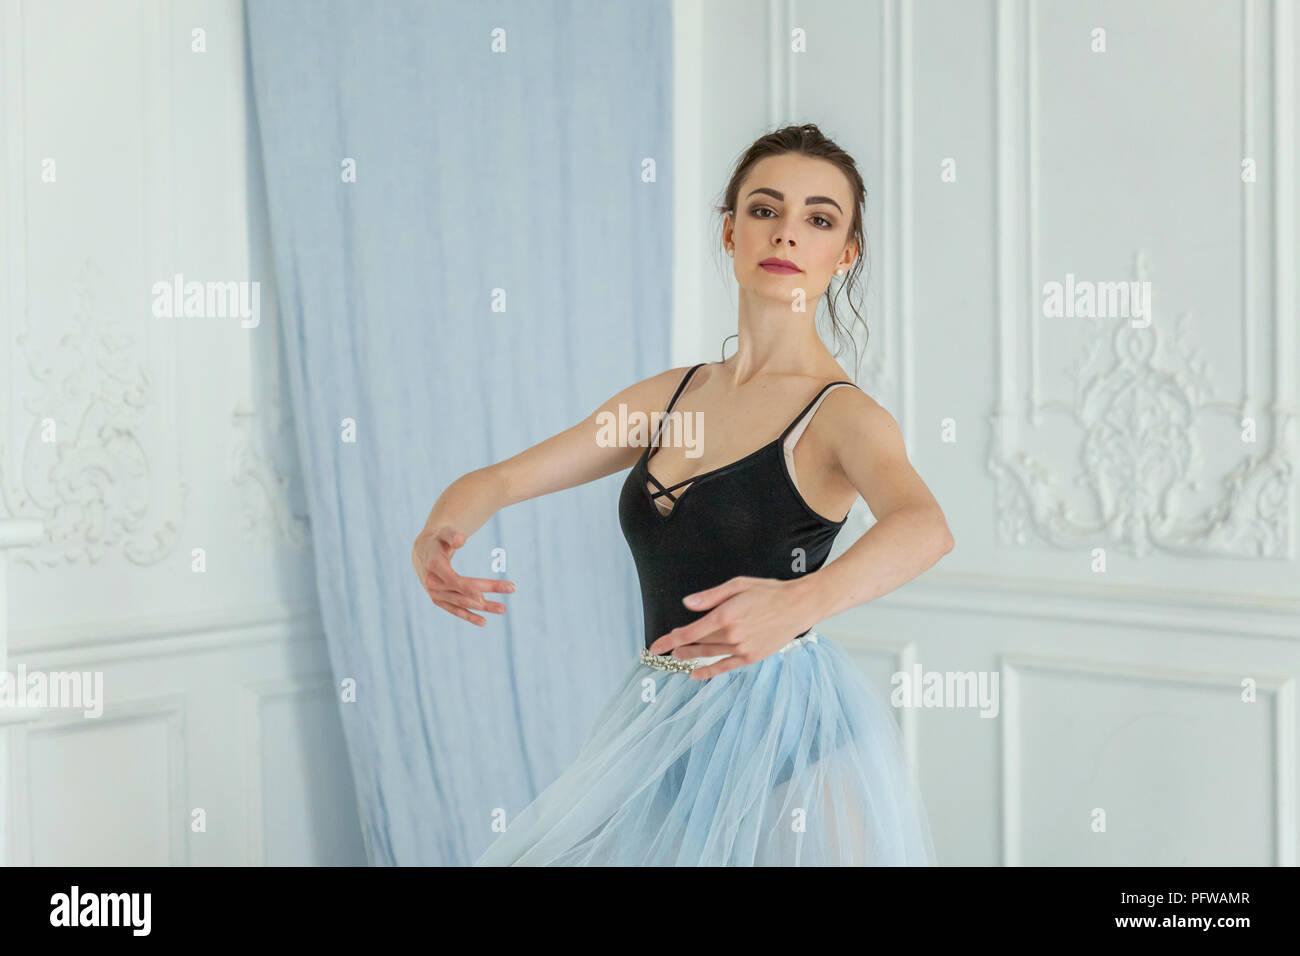 Jeune danseuse de ballet classique vue de côté. Belle ballerine ballet gracieux pratique des positions en tutu jupe près de grand miroir dans la salle de lumière blanche. B Photo Stock